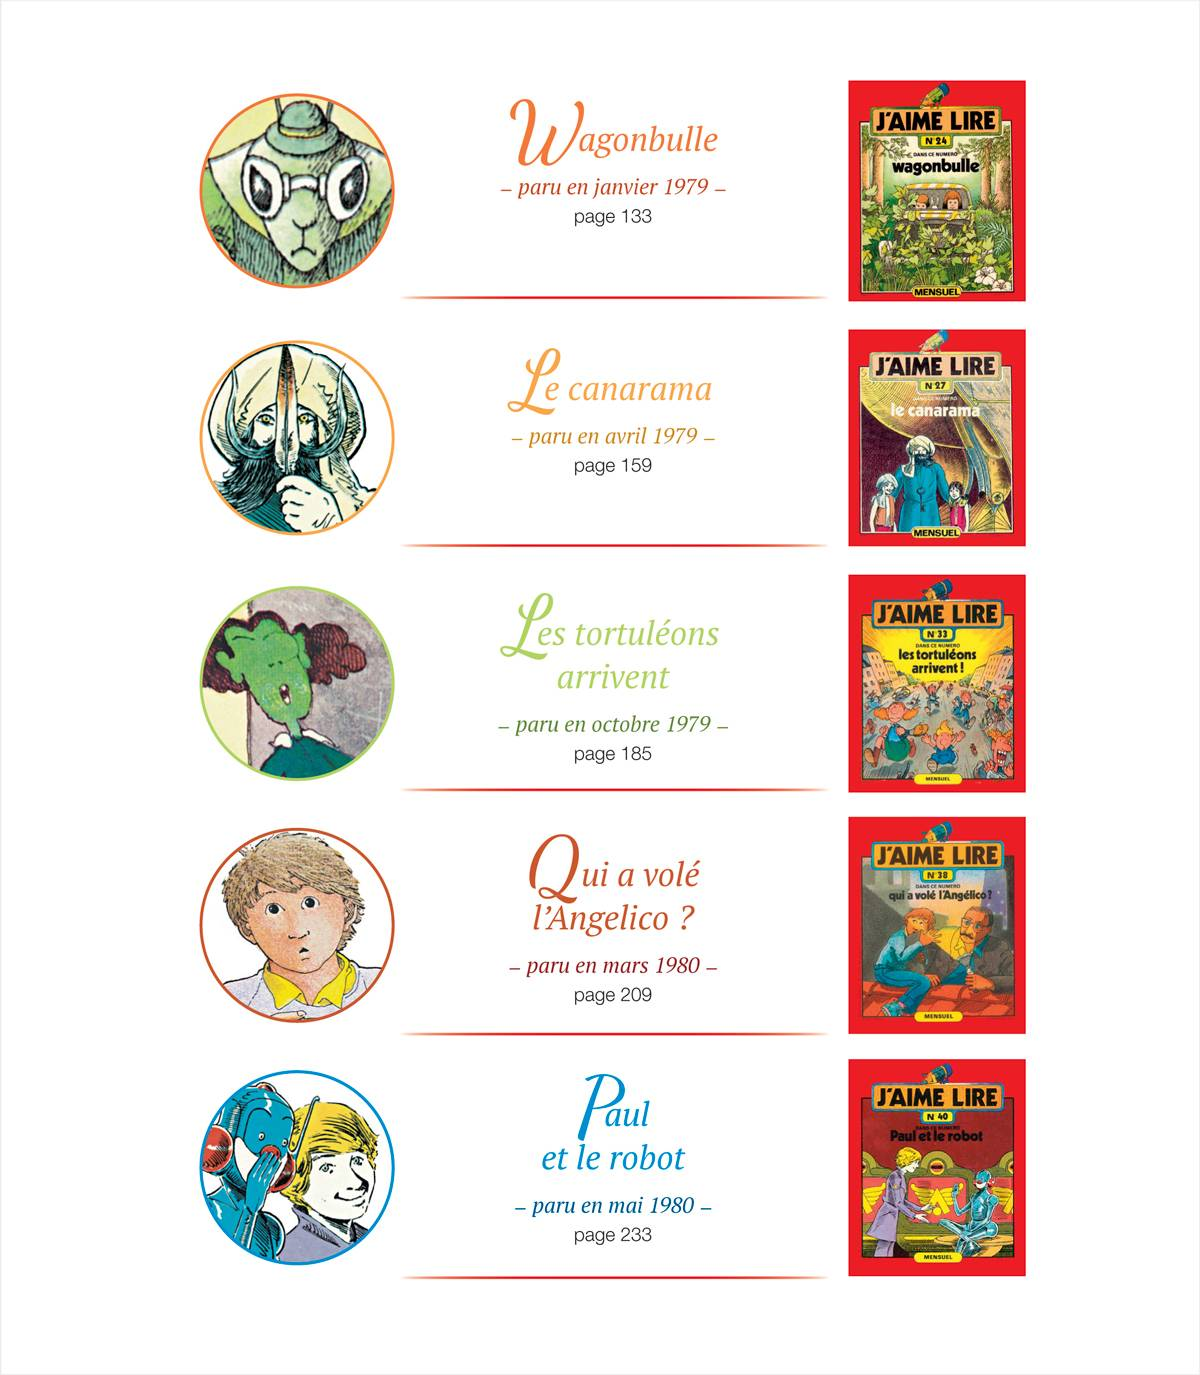 Numéro collector - Les années 1970 : 10romans J'aime lire inoubliables